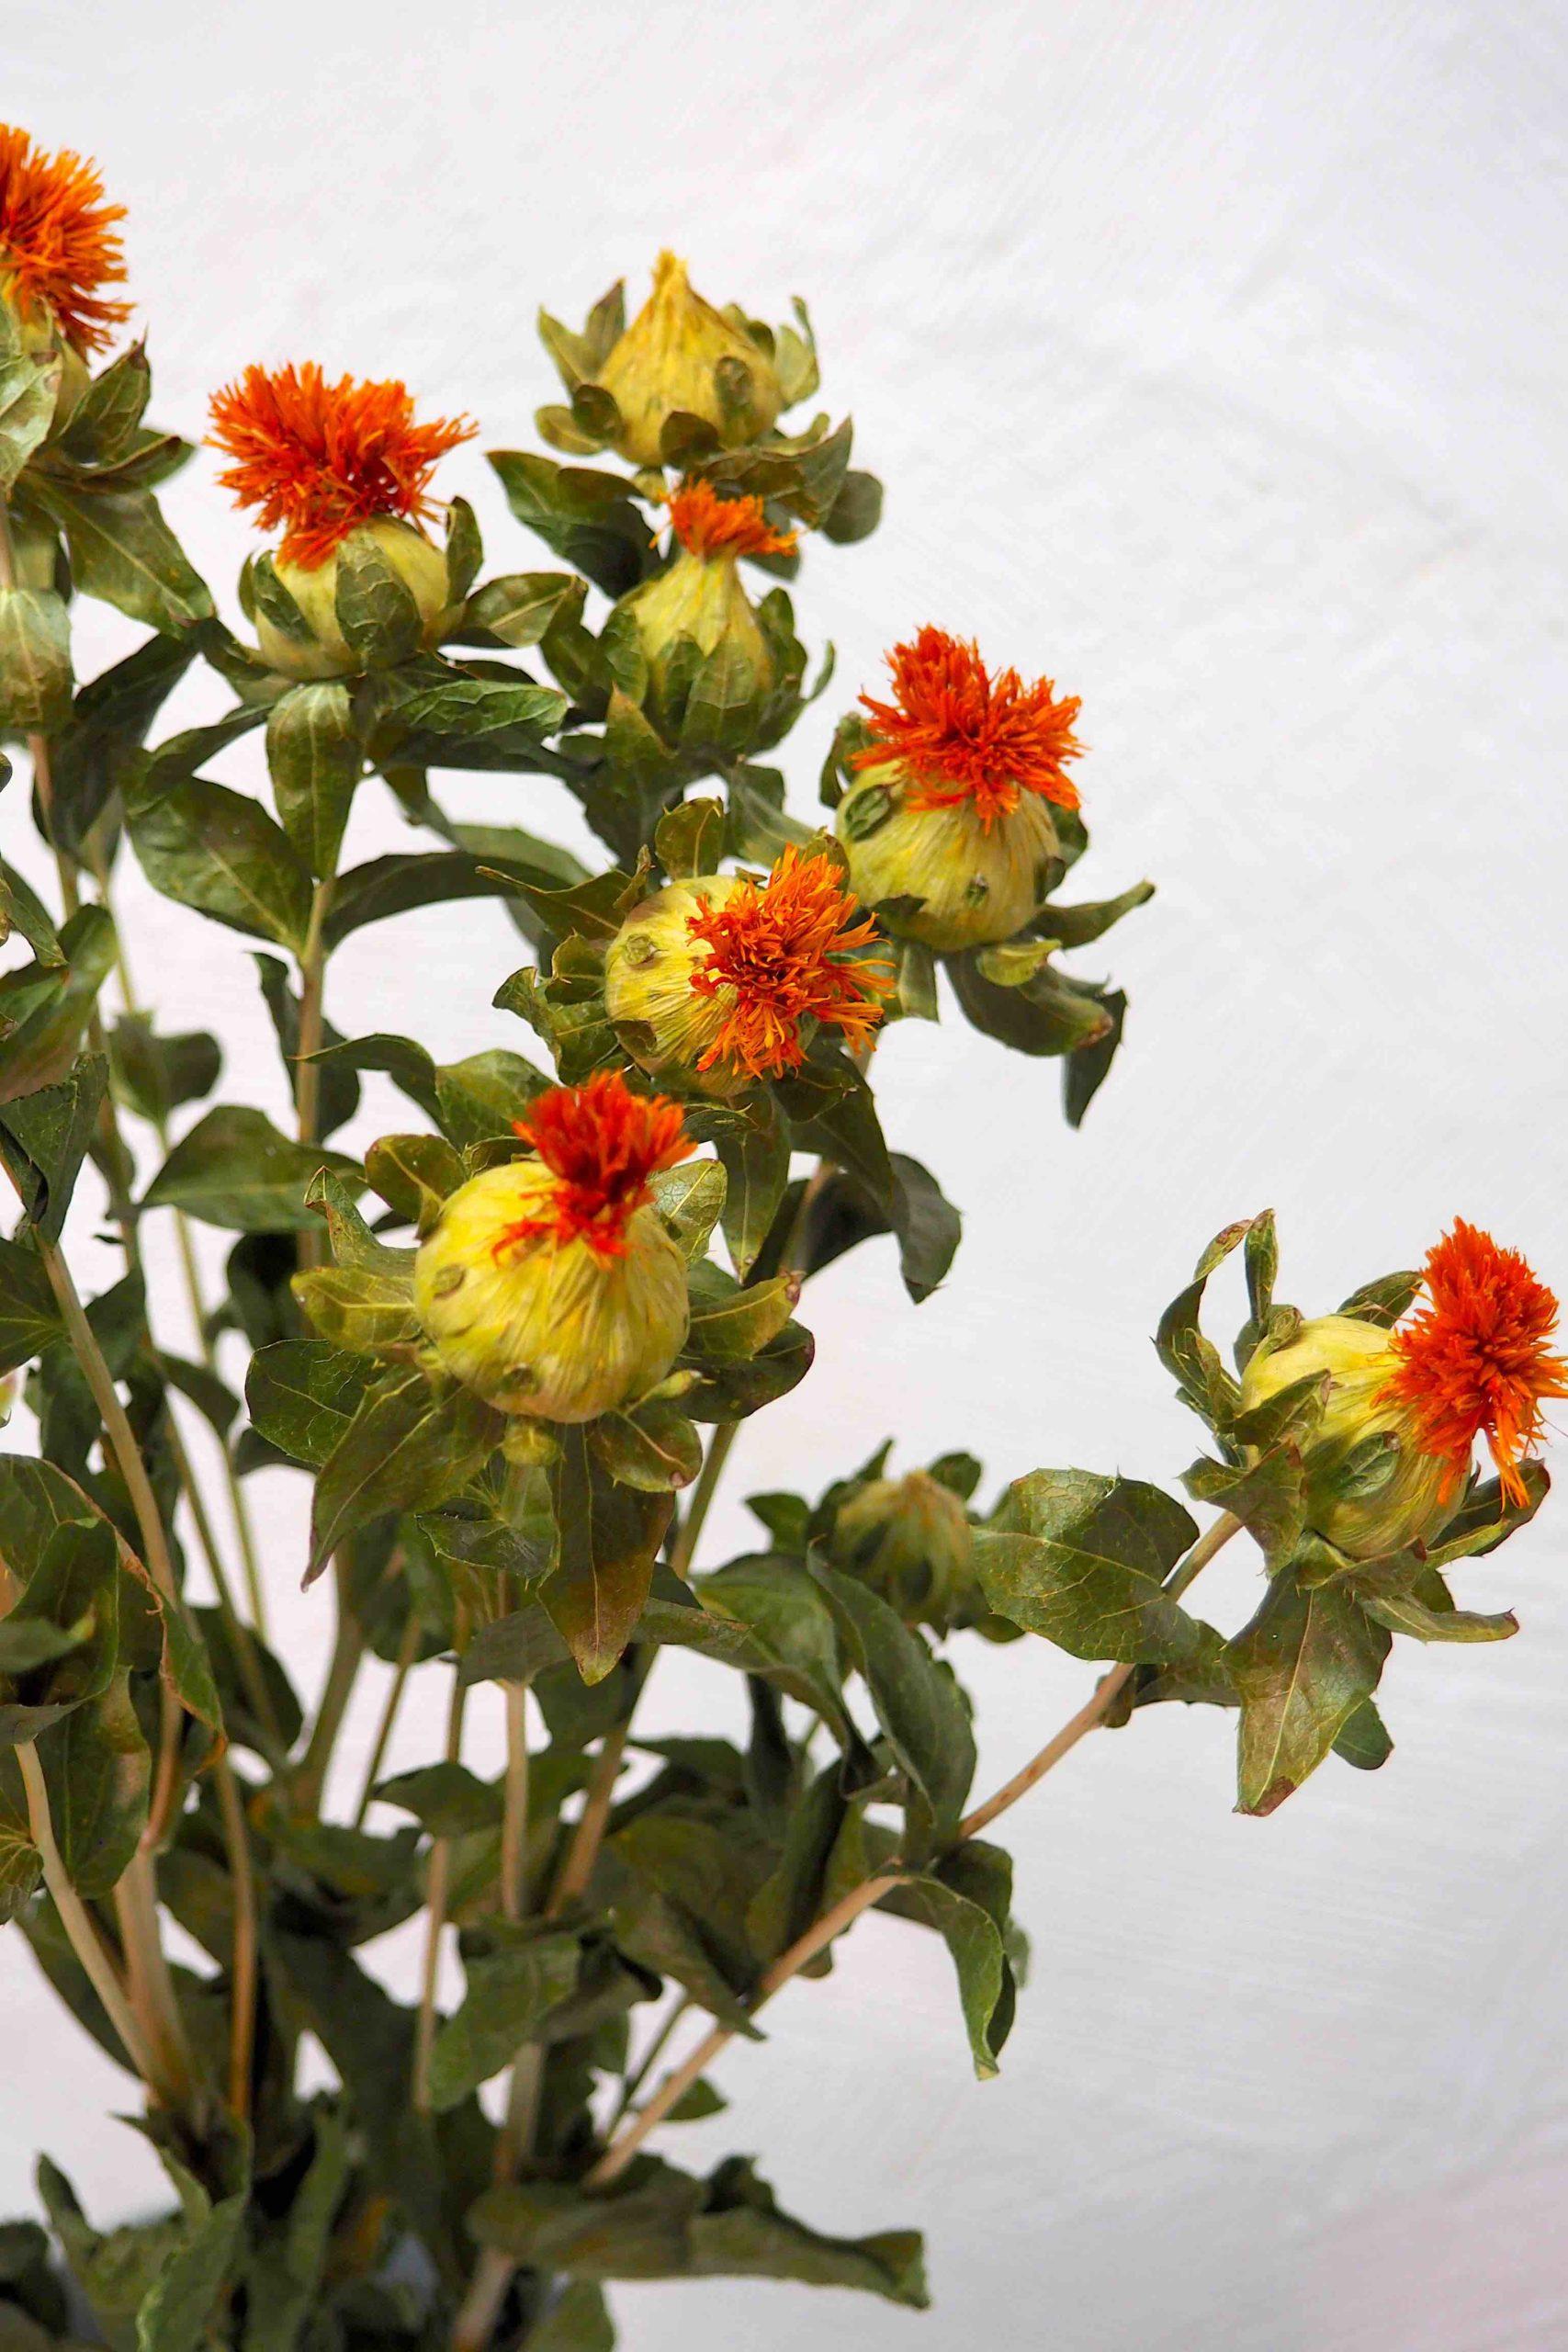 fleur séchée de carthamus en vente